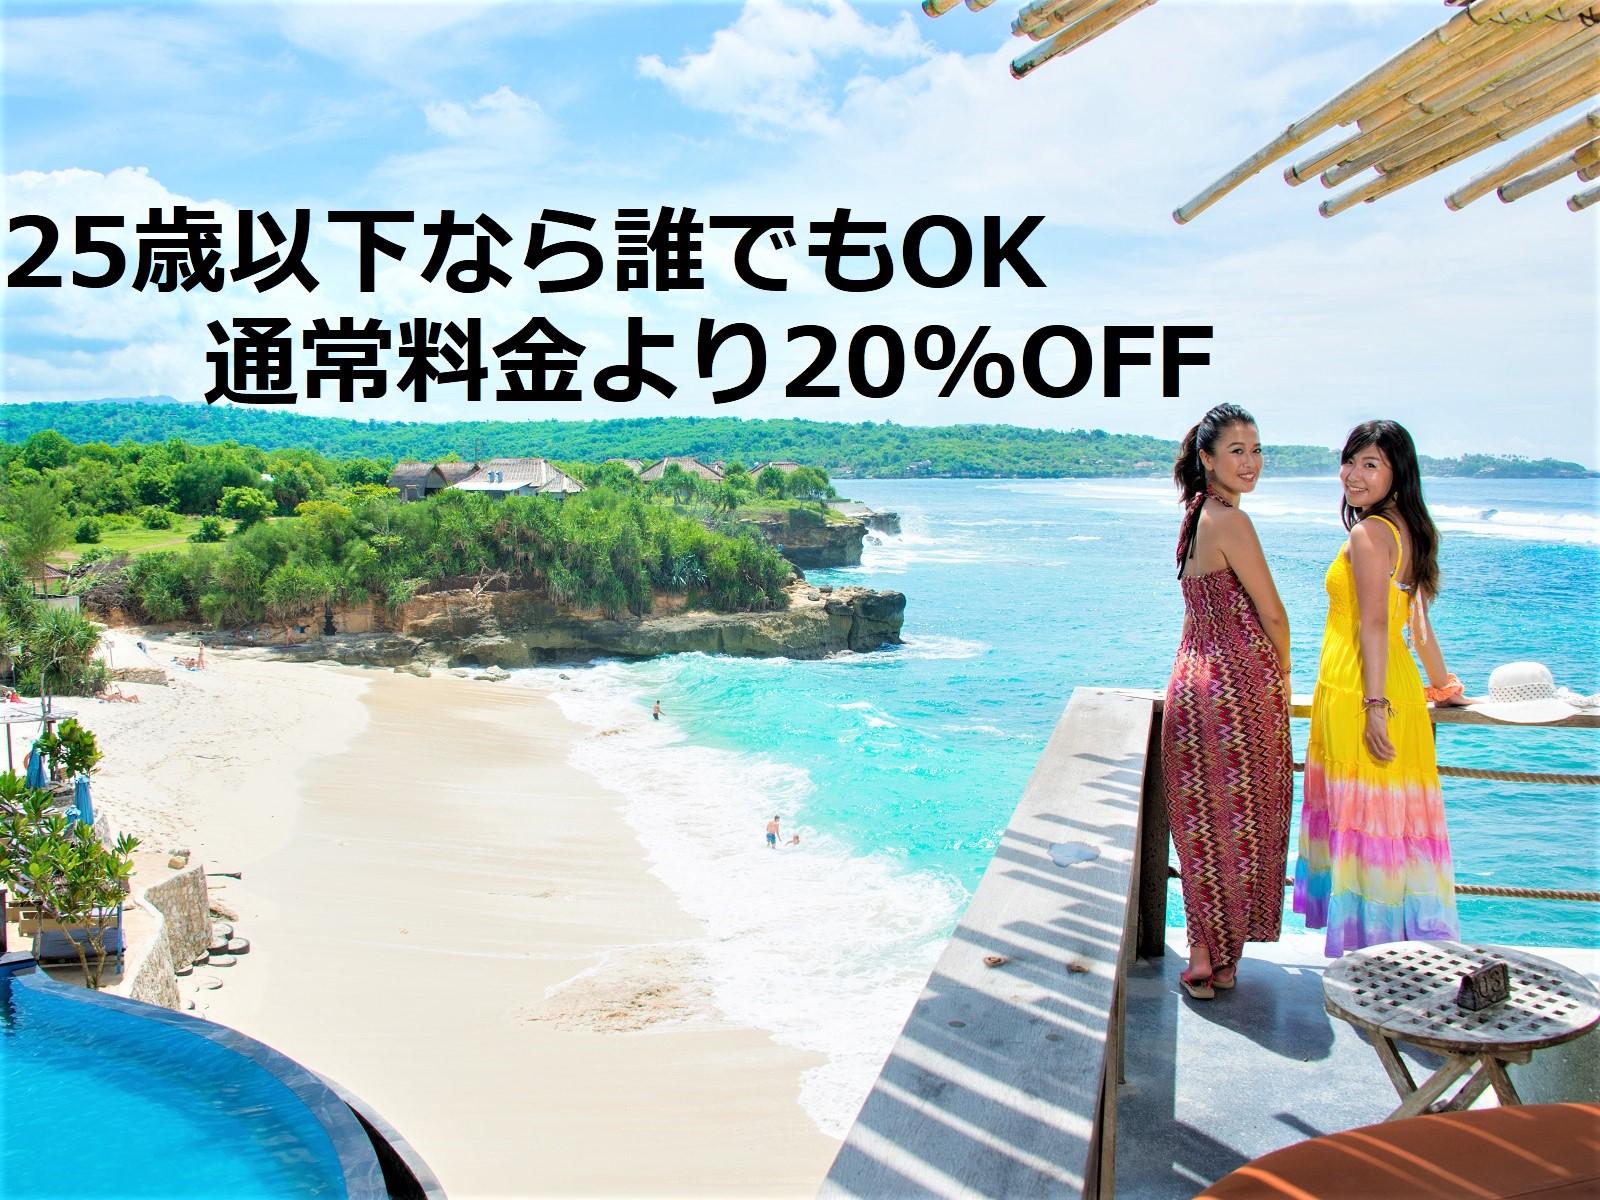 【学割2019】レンボンガン島ツアーが20%OFFキャンペーン!!